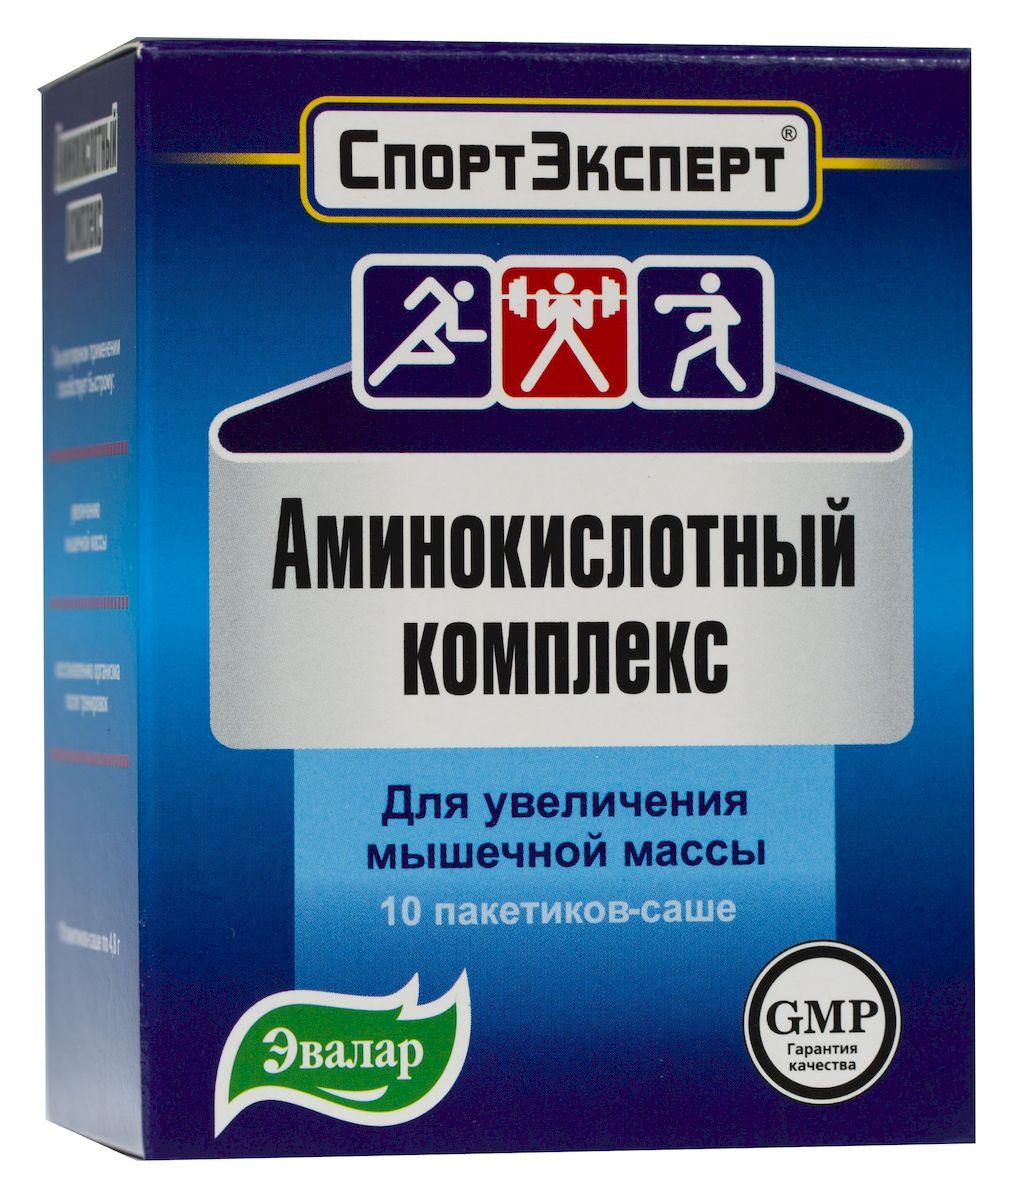 """Аминокислотный комплекс """"SportExpert"""", 10 саше x 4.8 г, Спорт Эксперт"""